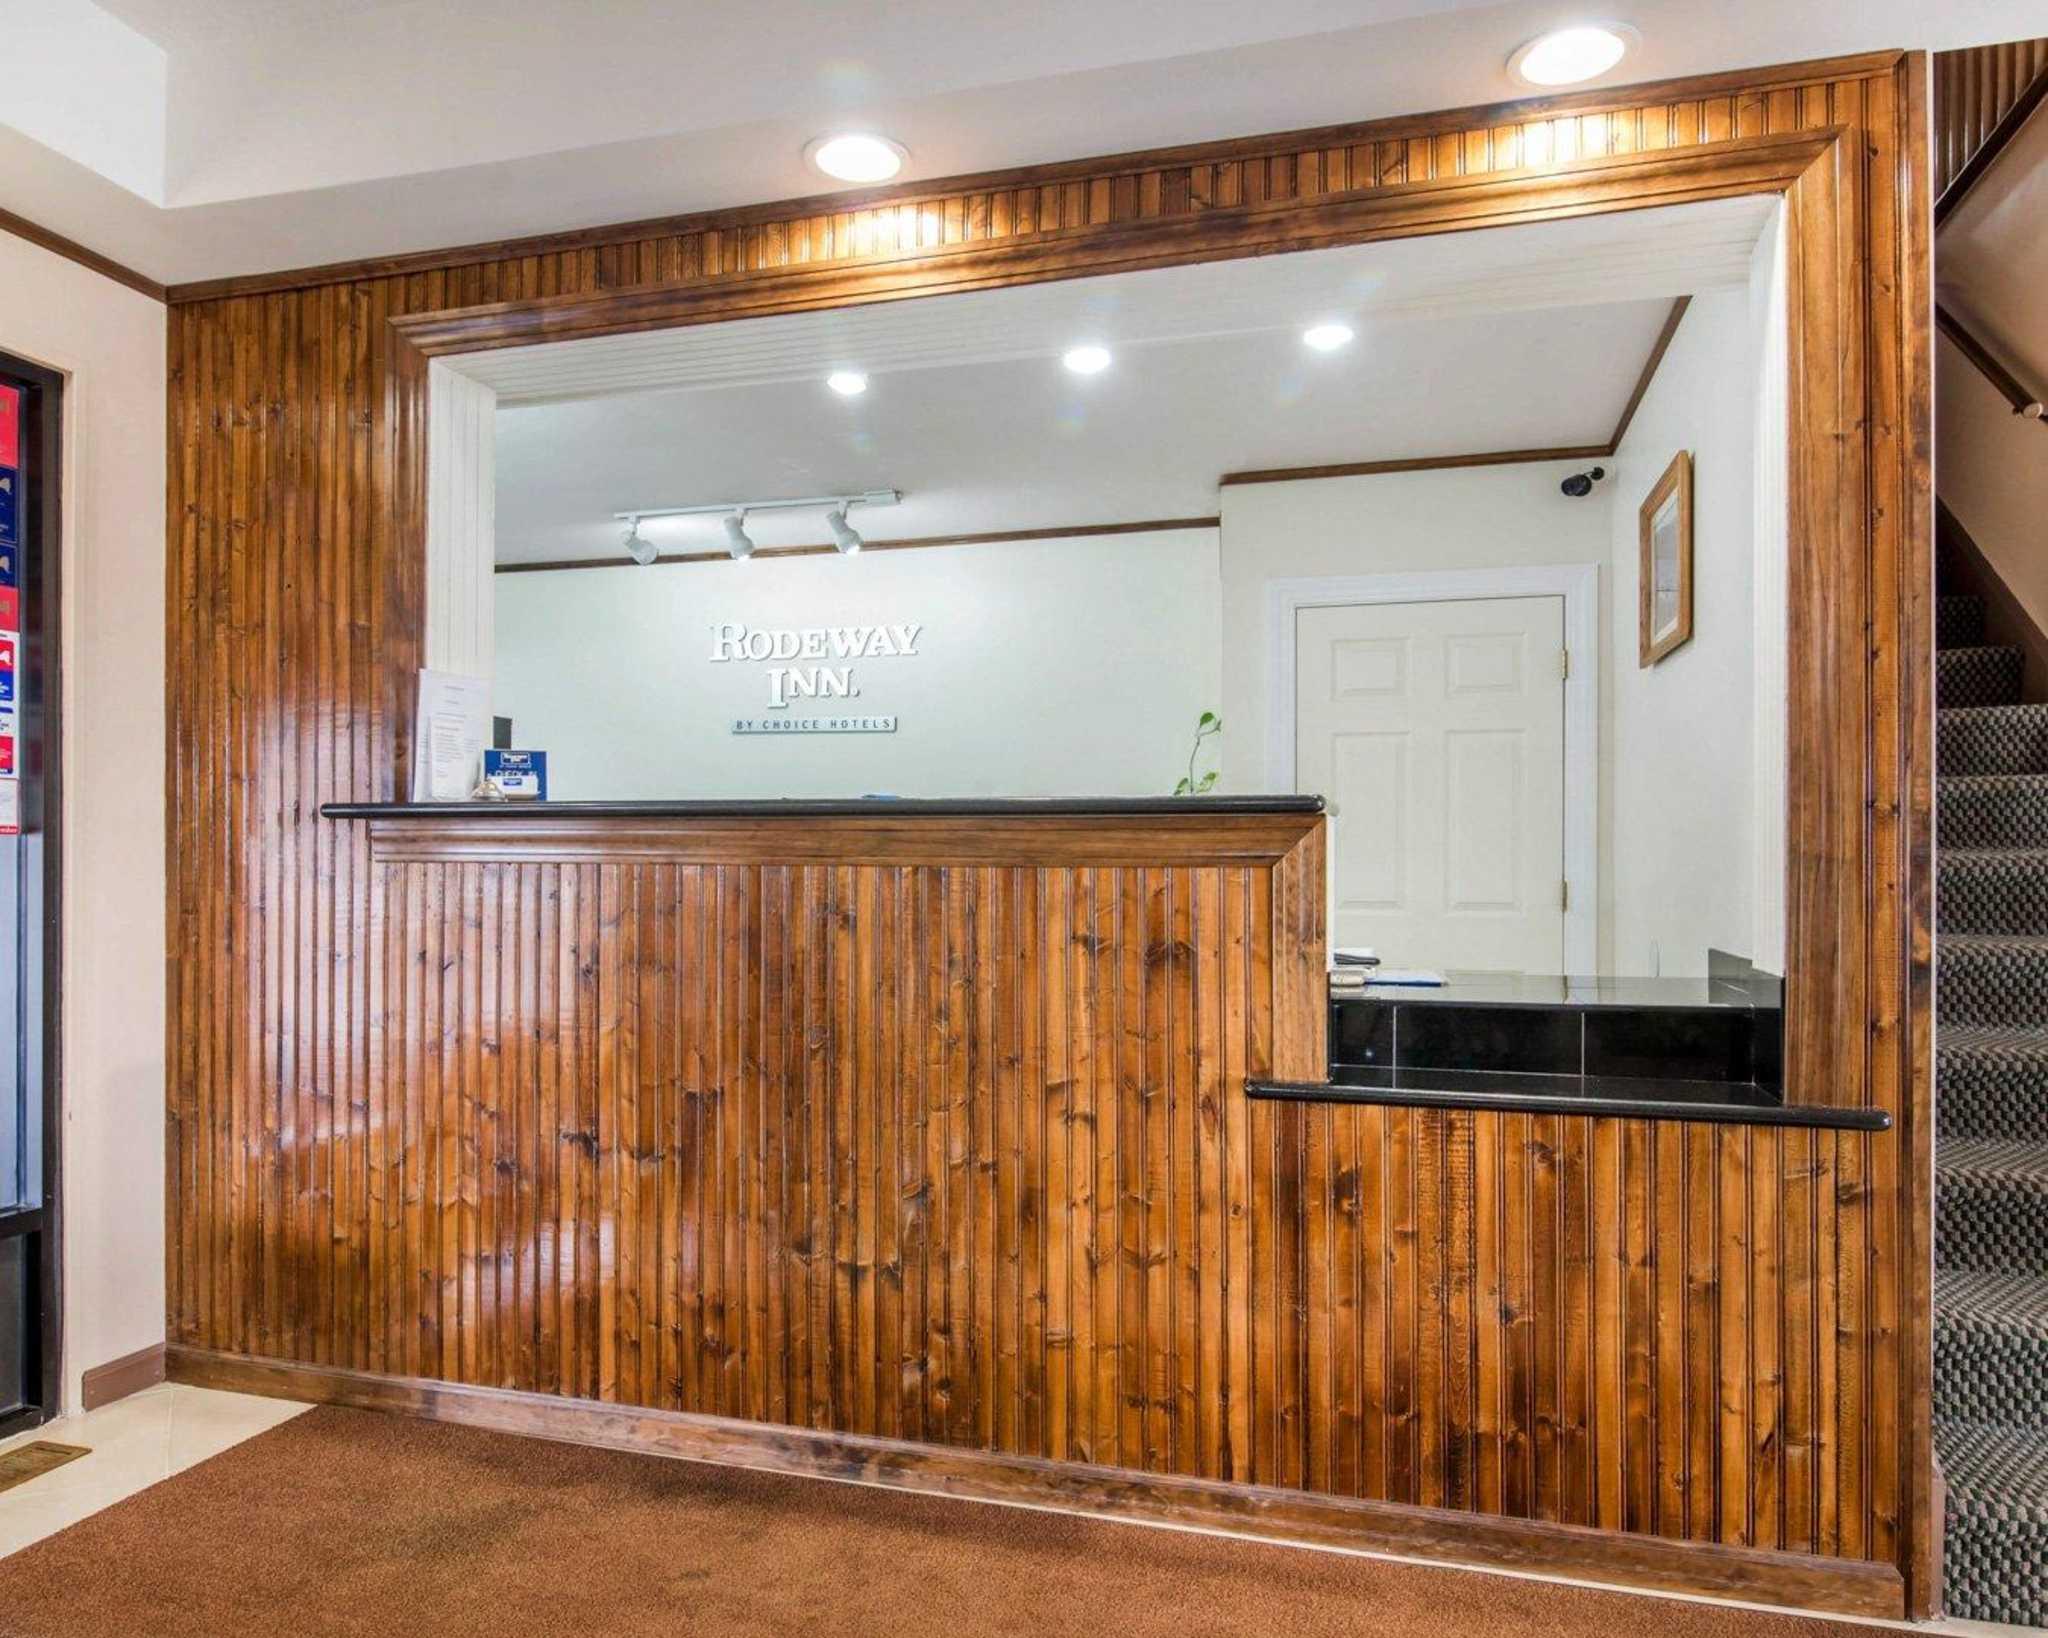 Rodeway Inn Skytop image 13